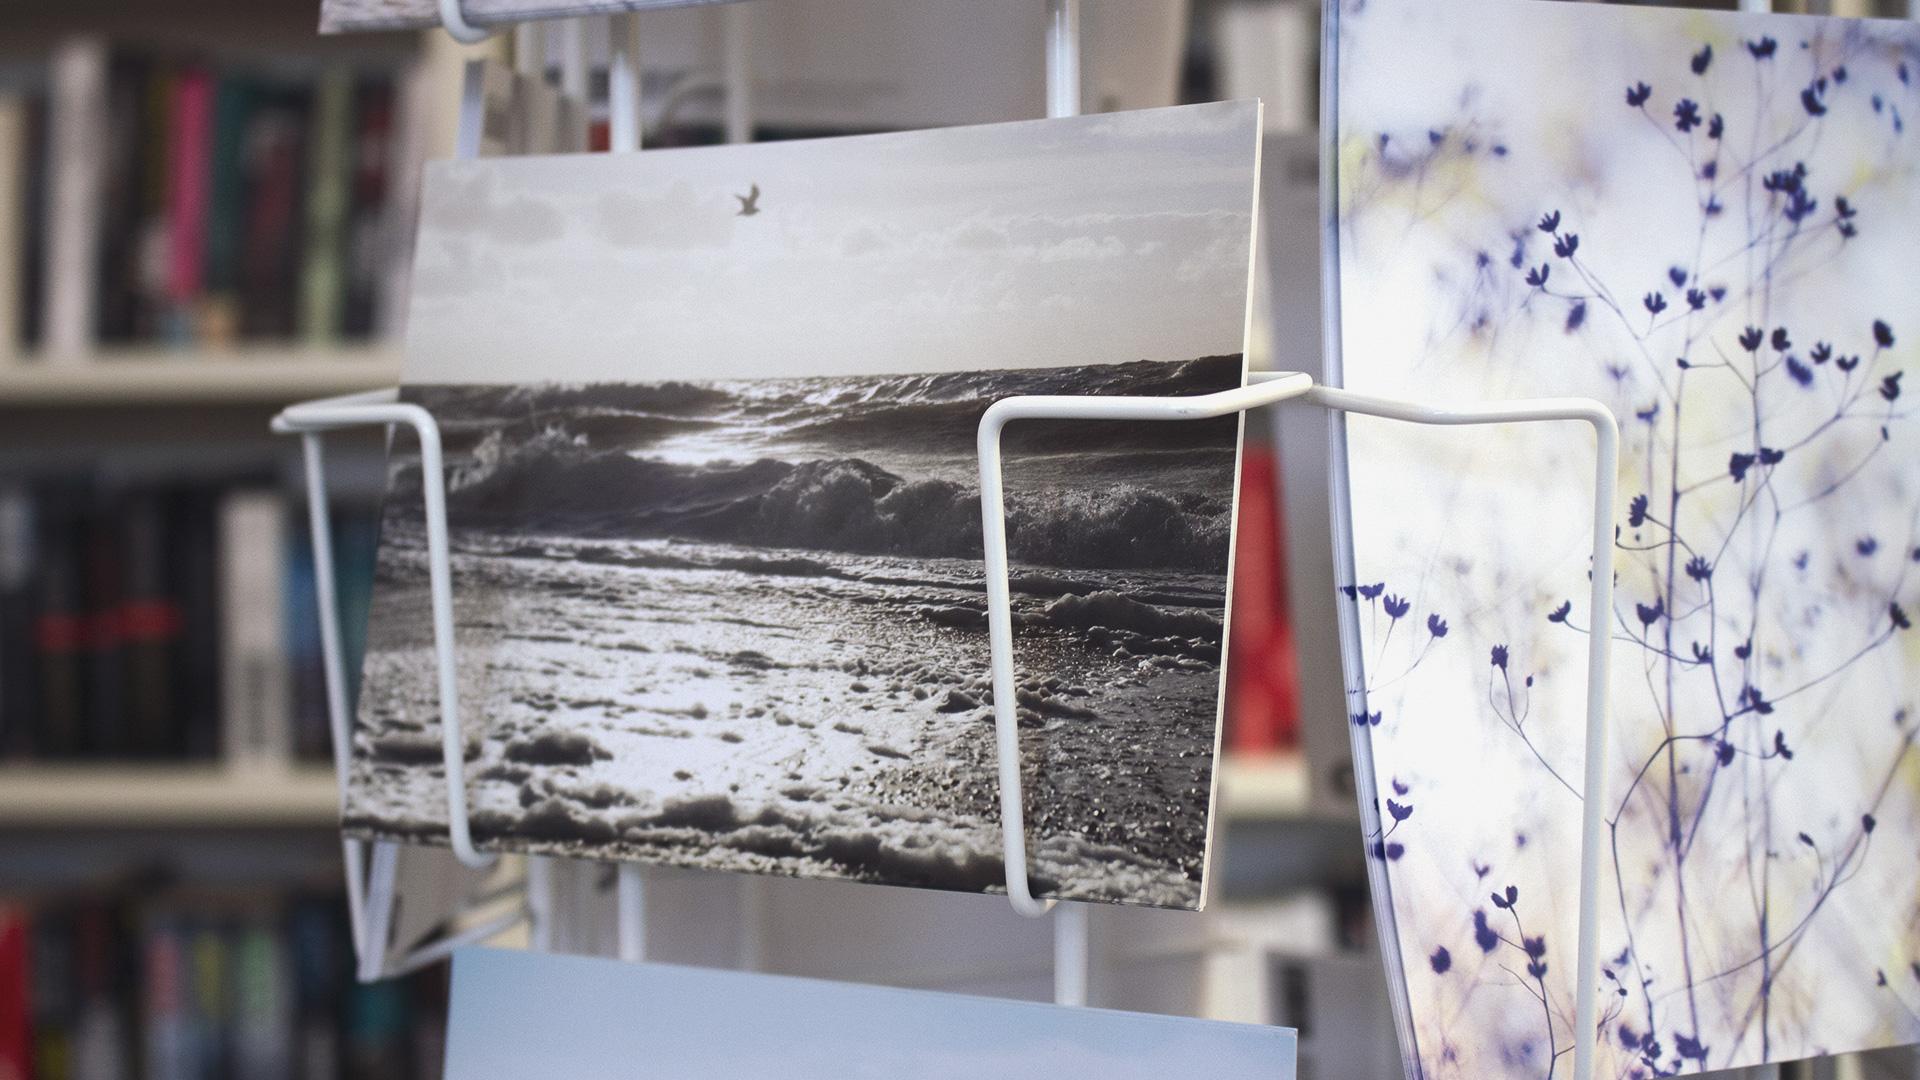 Schwarz-weiß Postkarte mit einem Ozean-Motiv